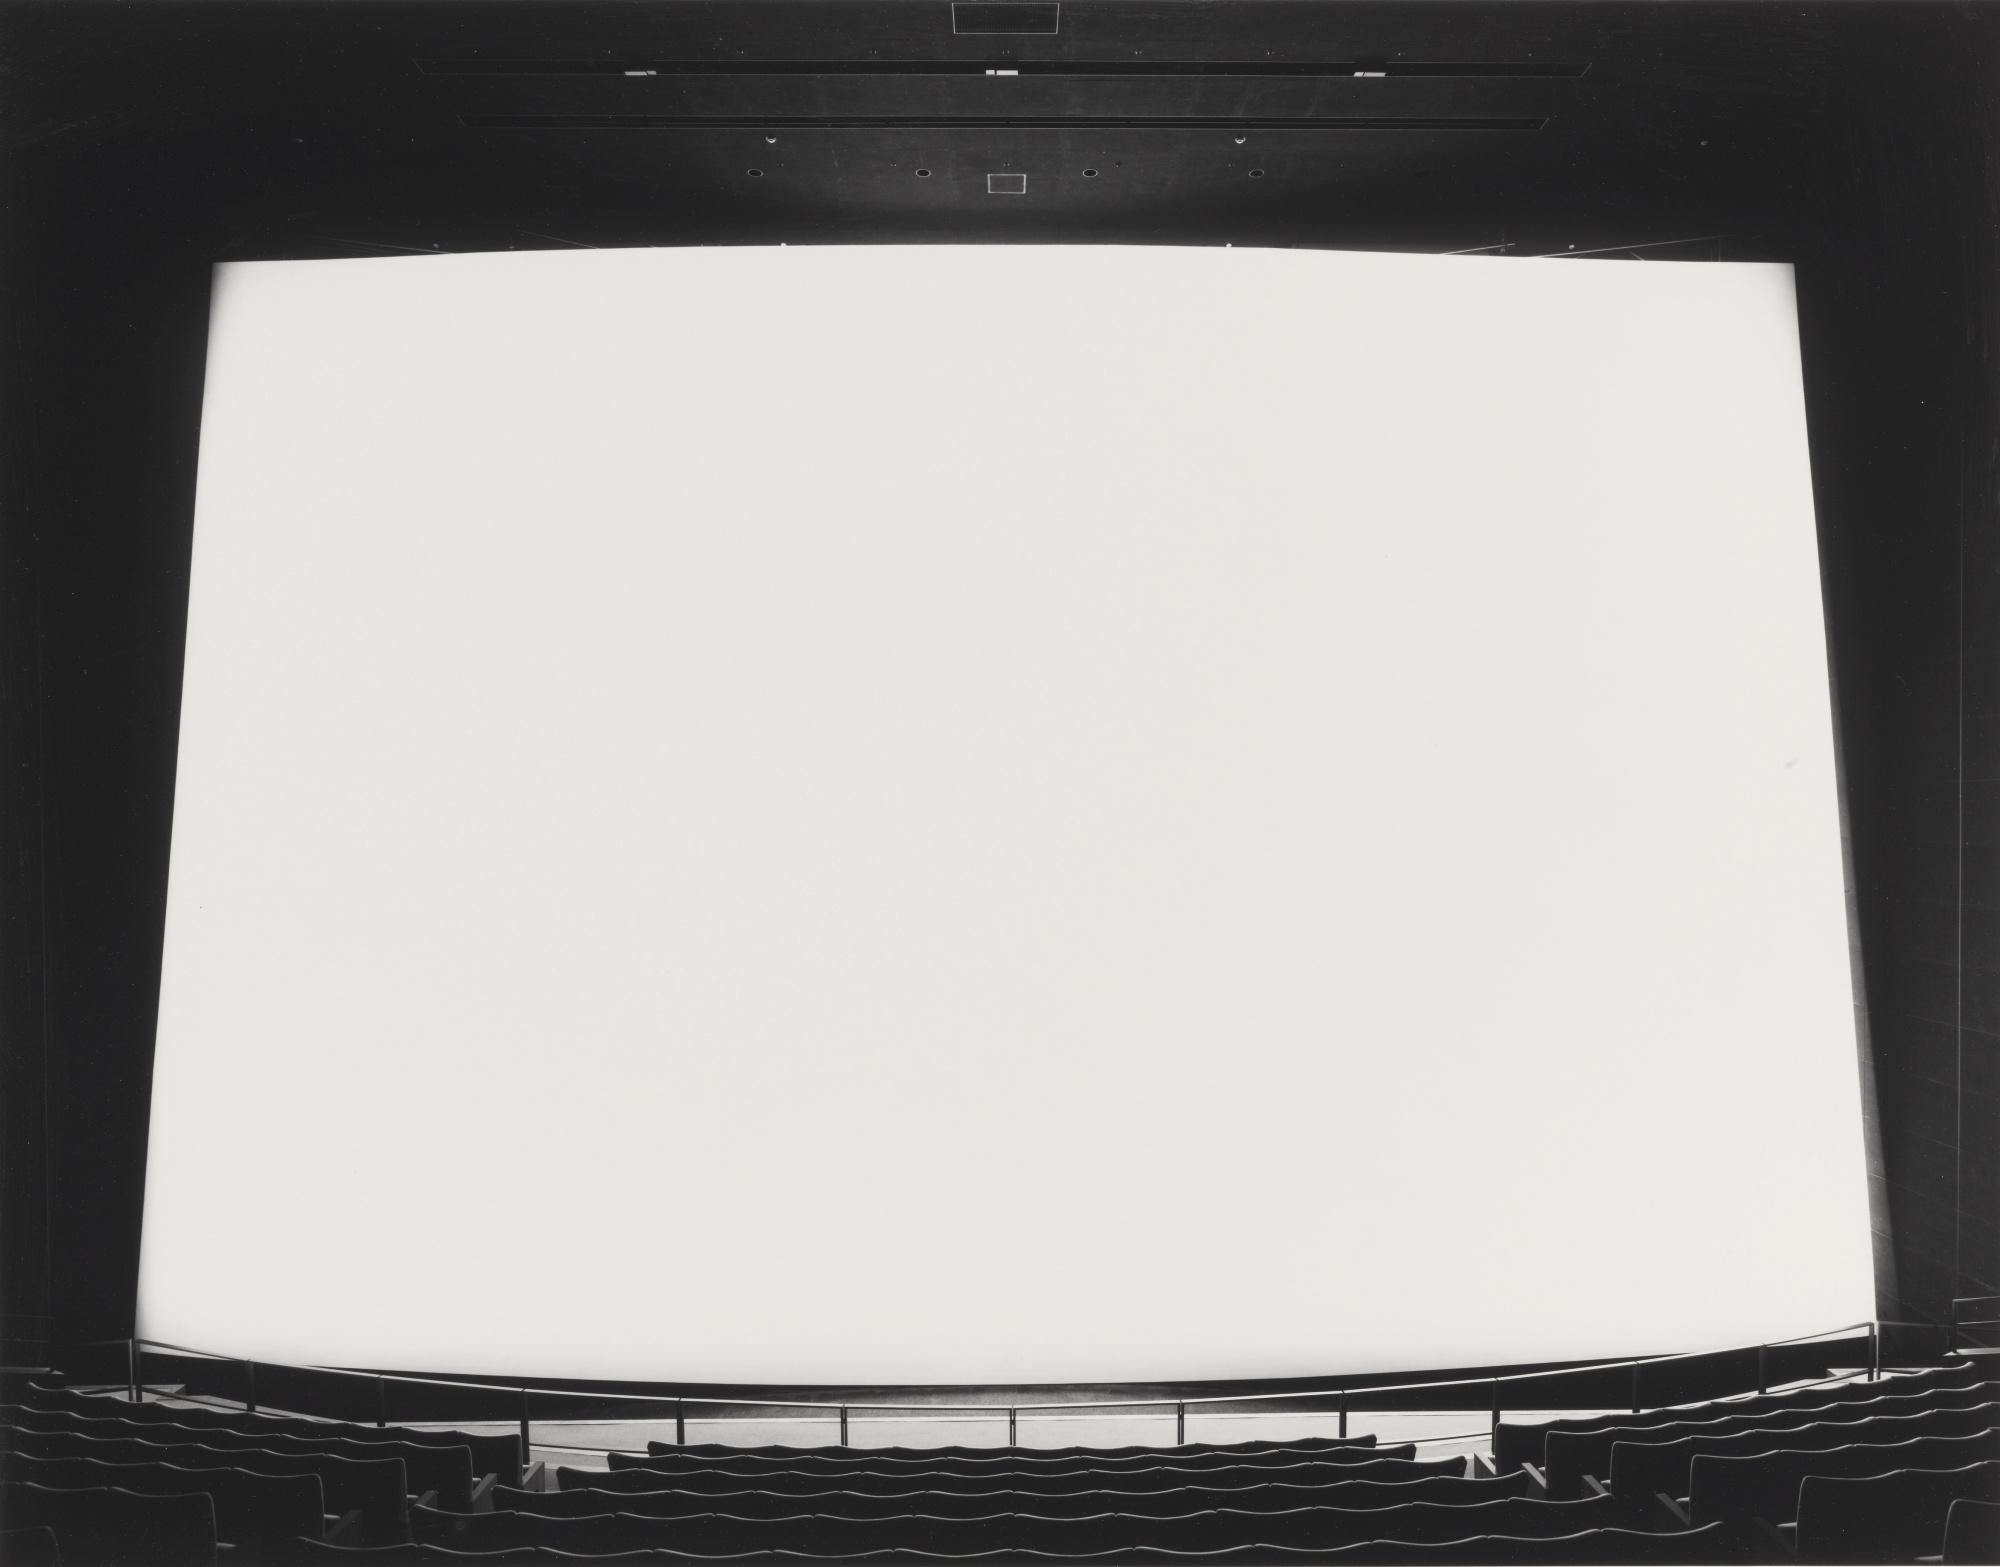 Hiroshi Sugimoto-Imax Tempozan Osaka-1999